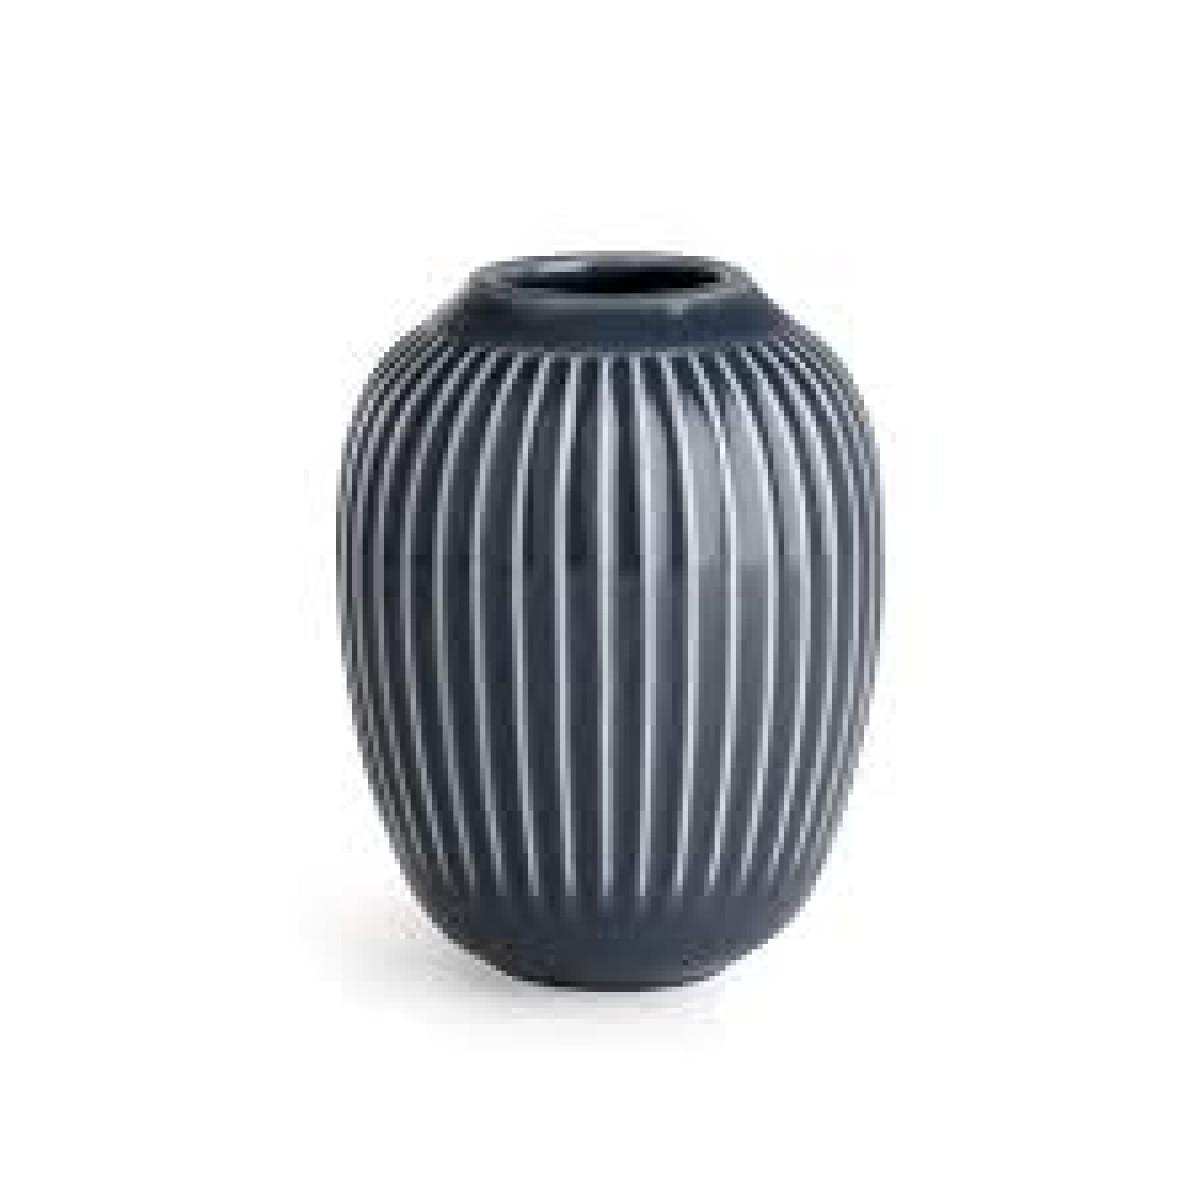 KÄHLER Hammershøi vase antracit grå 10 cm.